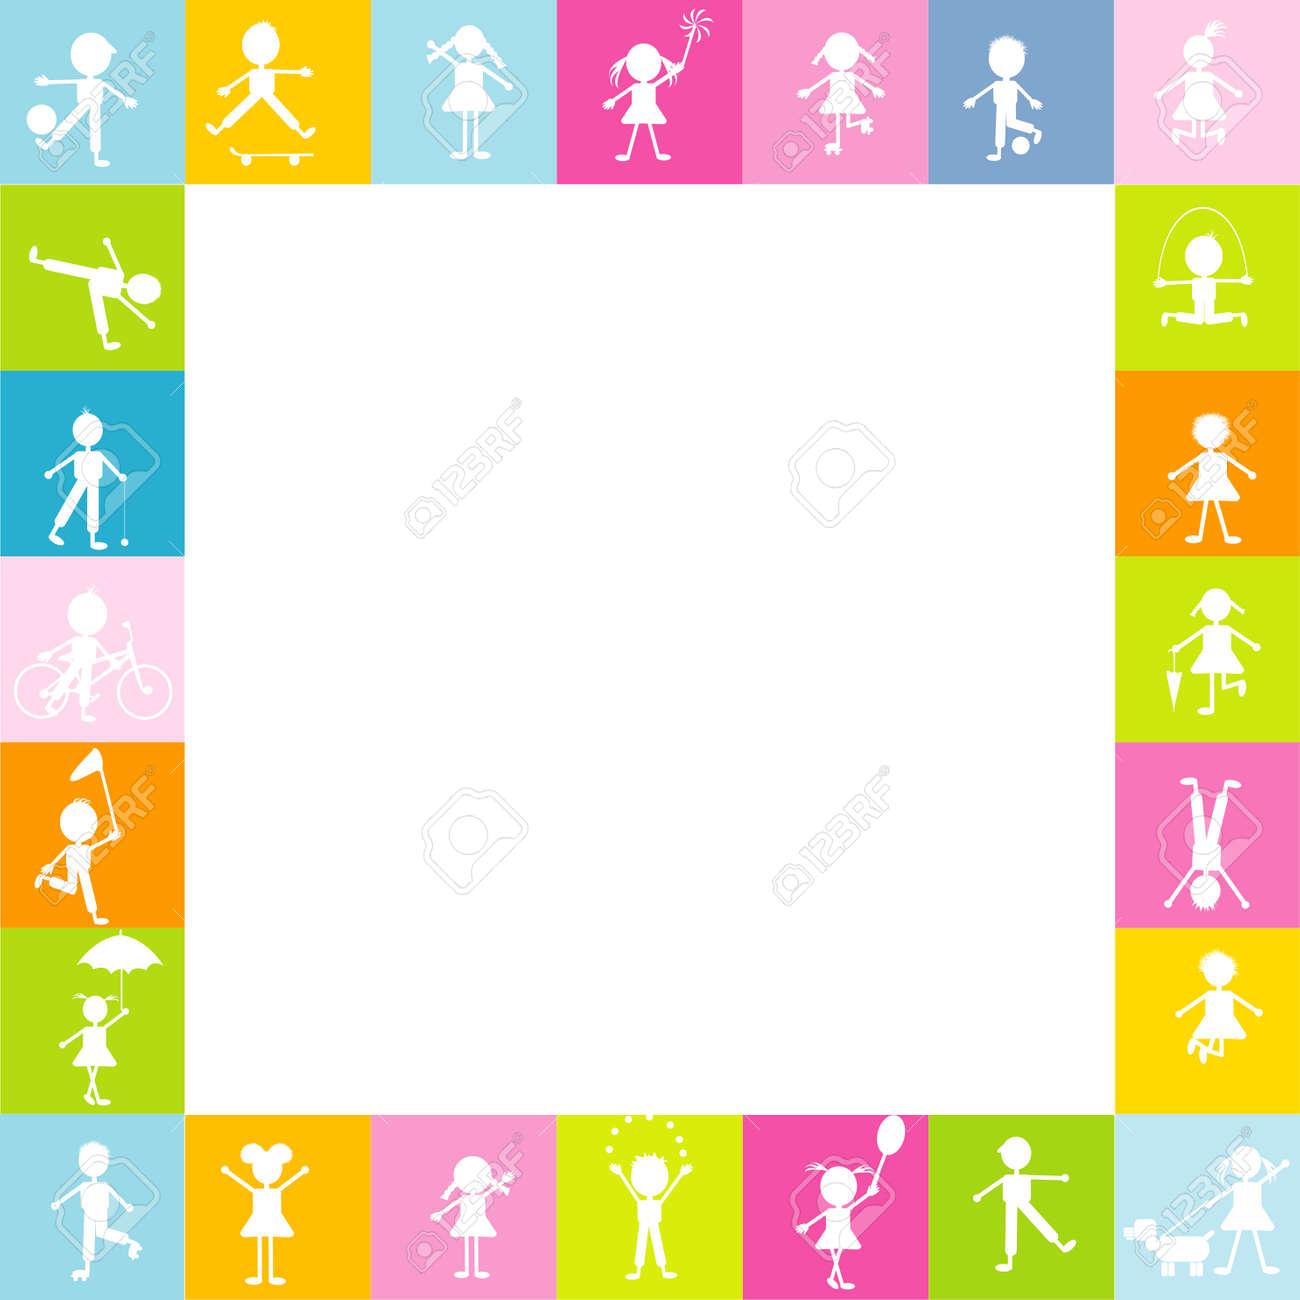 Rahmen Für Die Kinder Mit Stilisierten Kinder Silhouetten Spielen ...